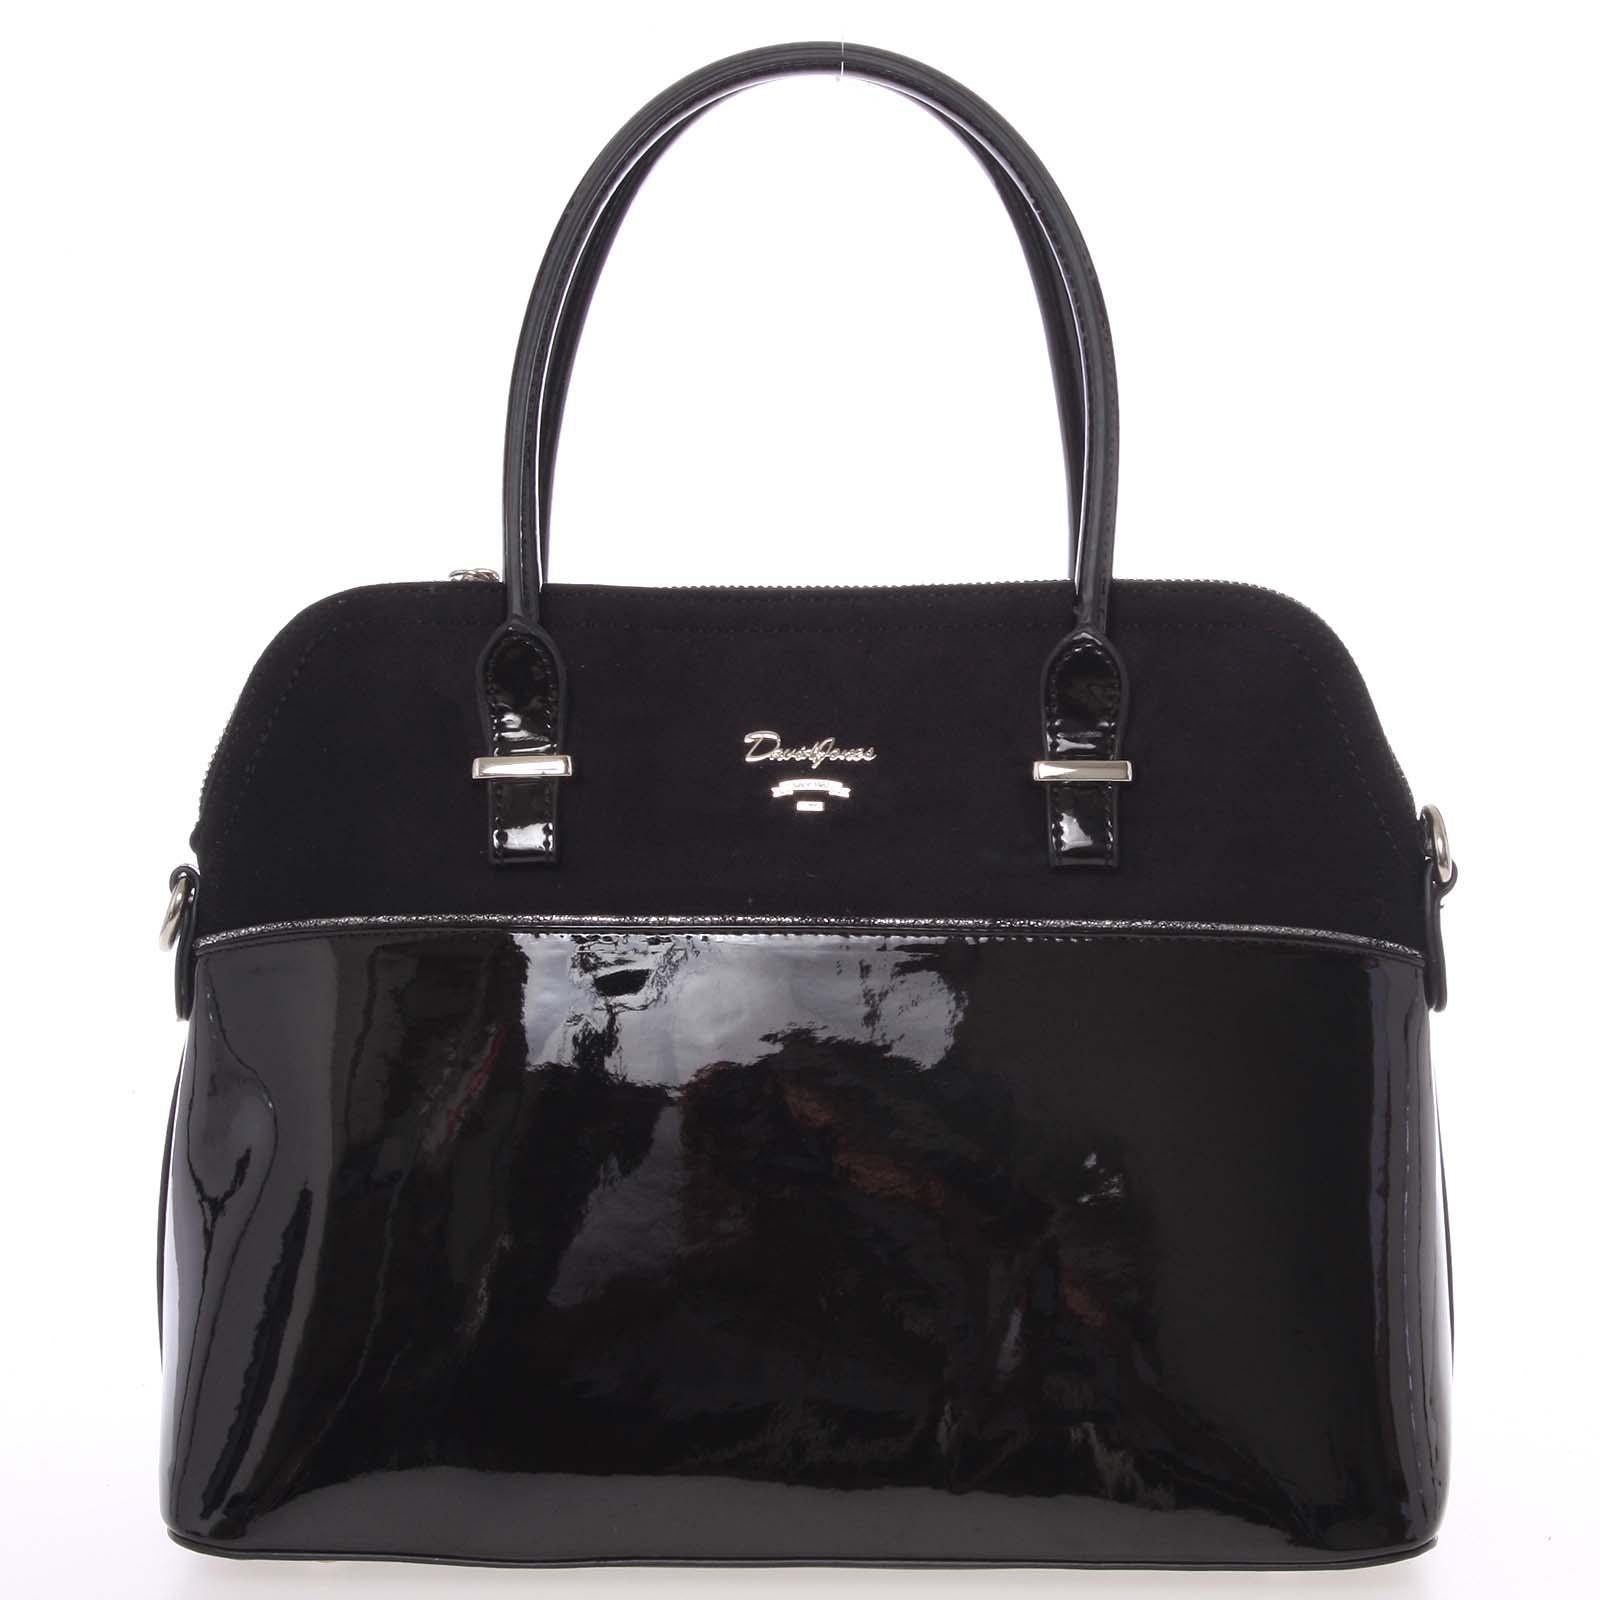 Dámská kabelka do ruky pololakovaná černá - David Jones Pisella